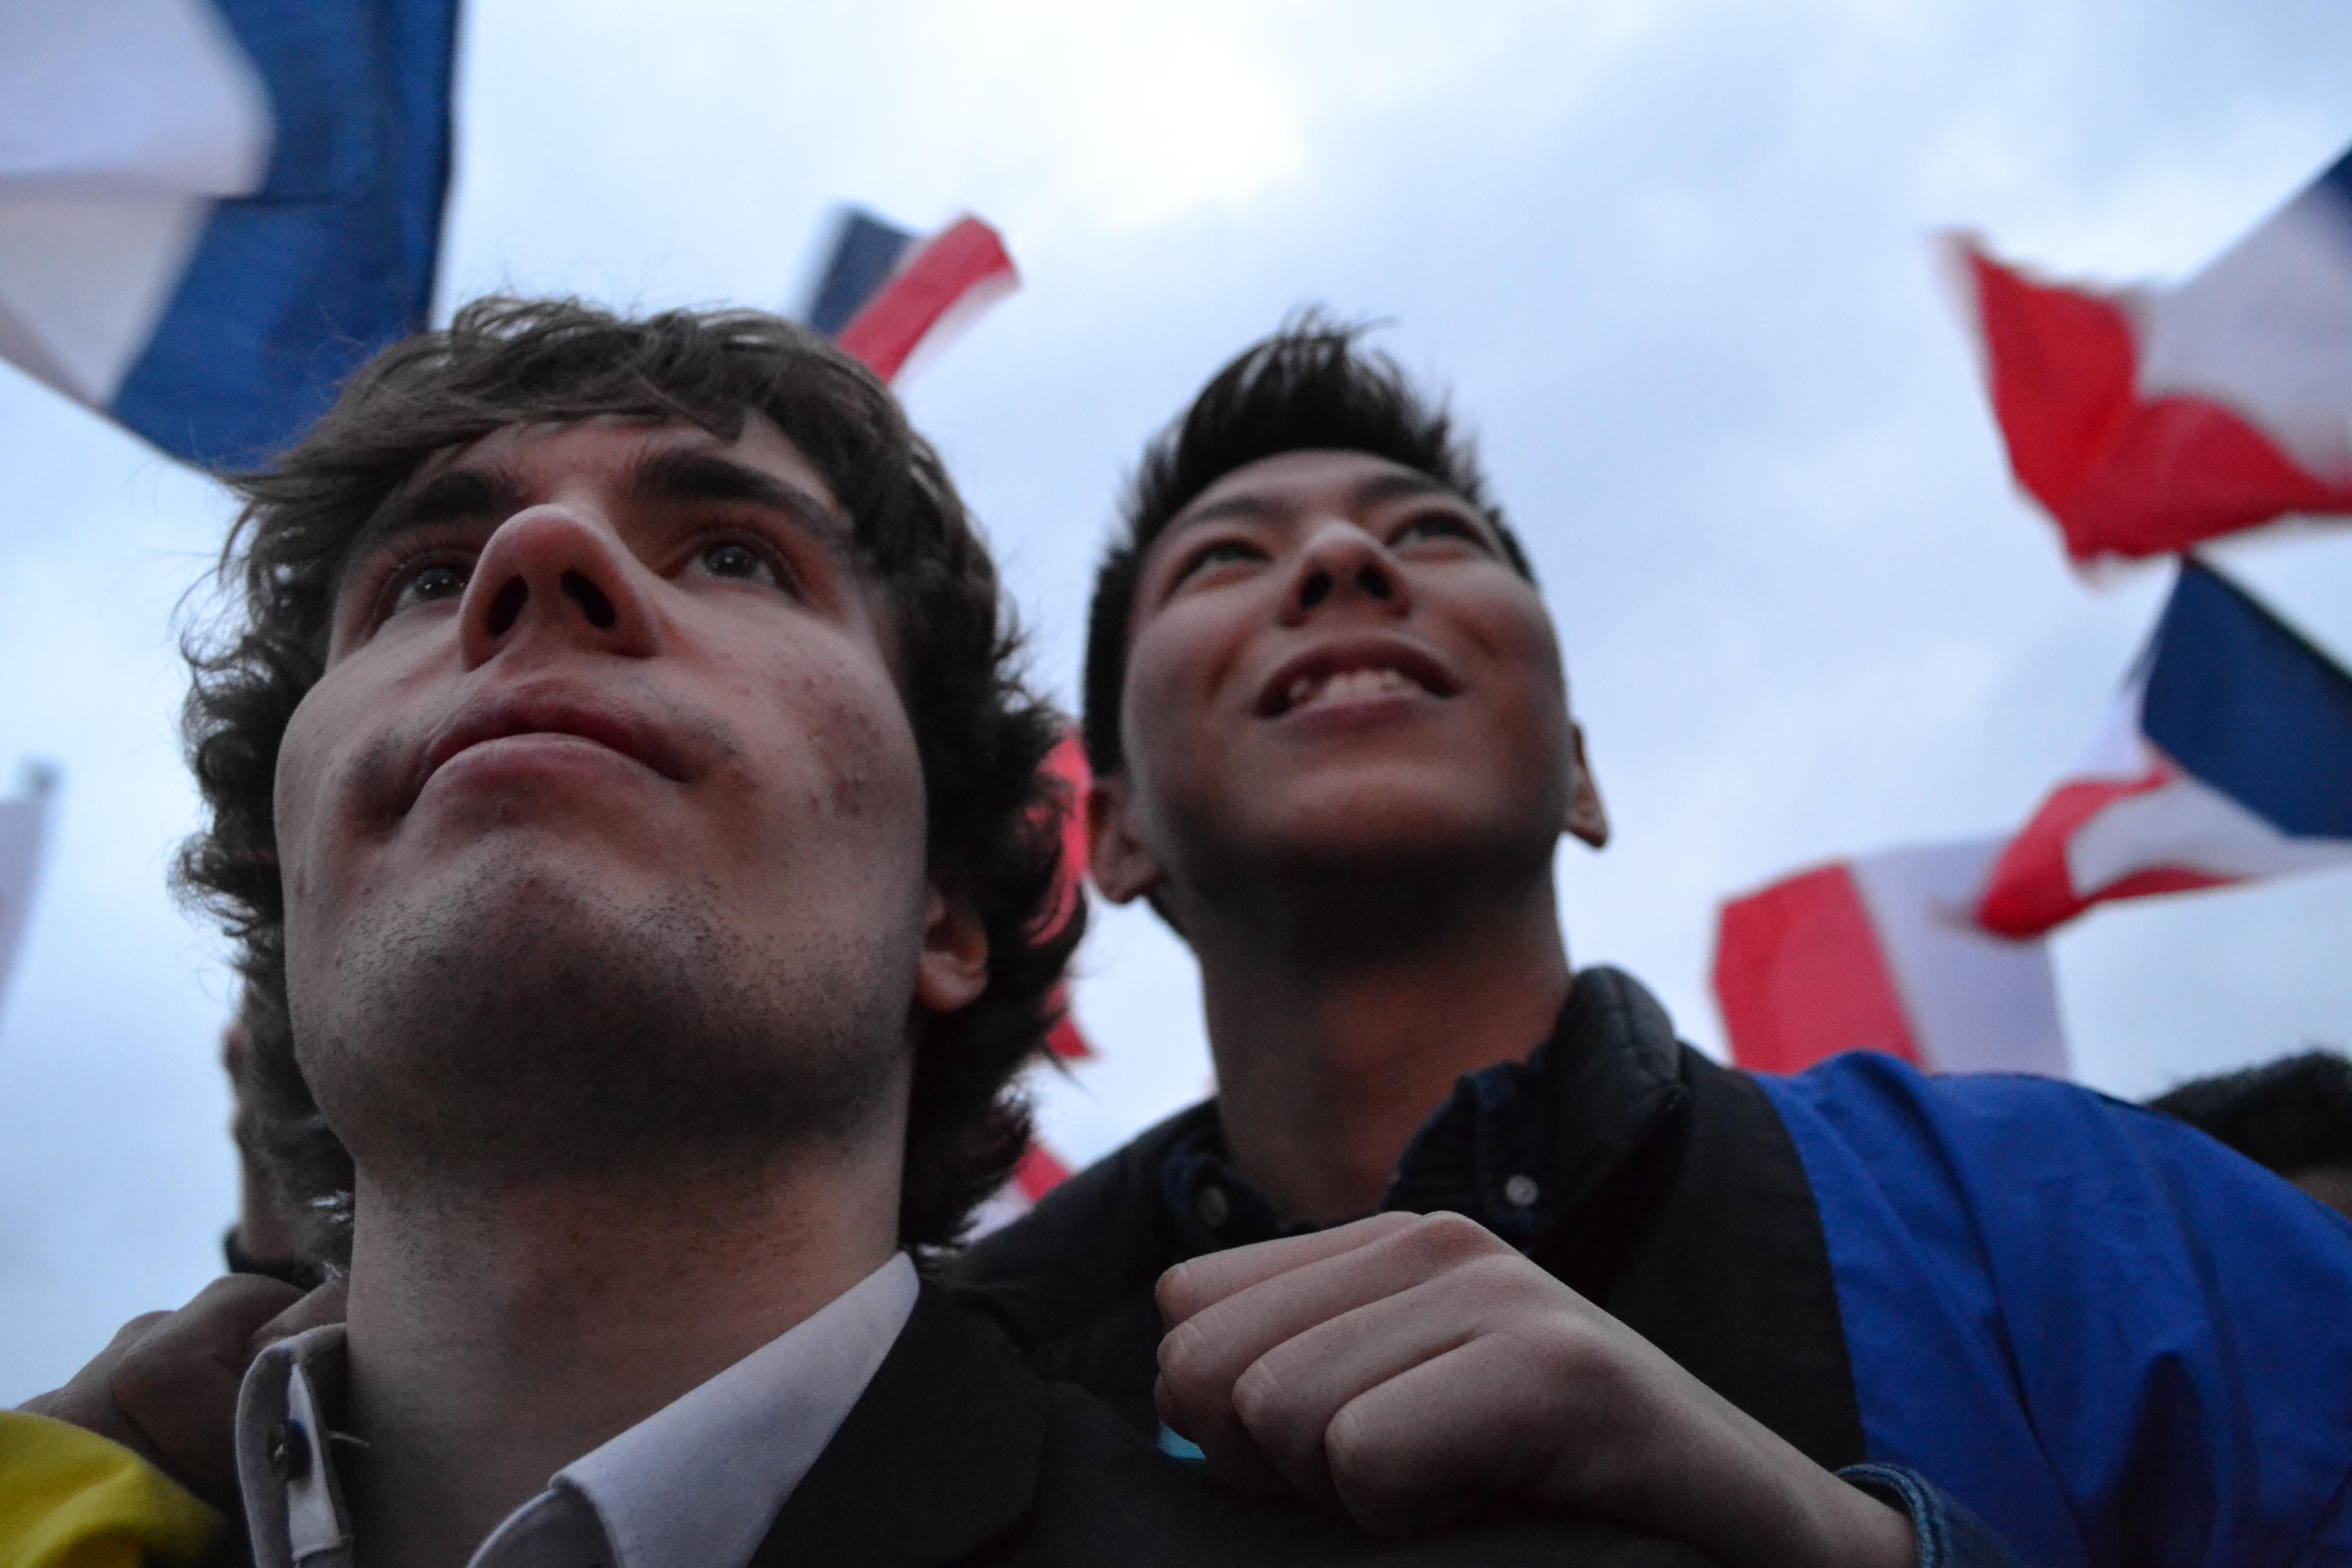 DSC 0849 3 - 政治とエンターテインメントとフランス人100人とマクロンとルペンと。